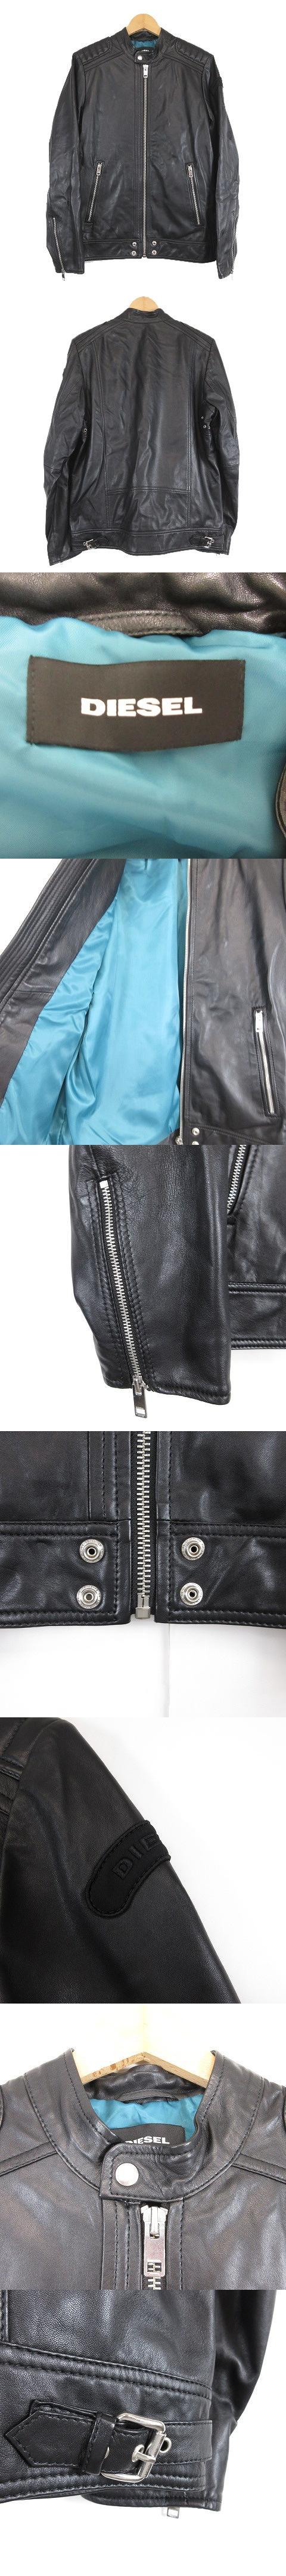 シープスキン シングル ライダース ジャケット 羊革 レザー ブルゾン M 黒 ブラック/b65